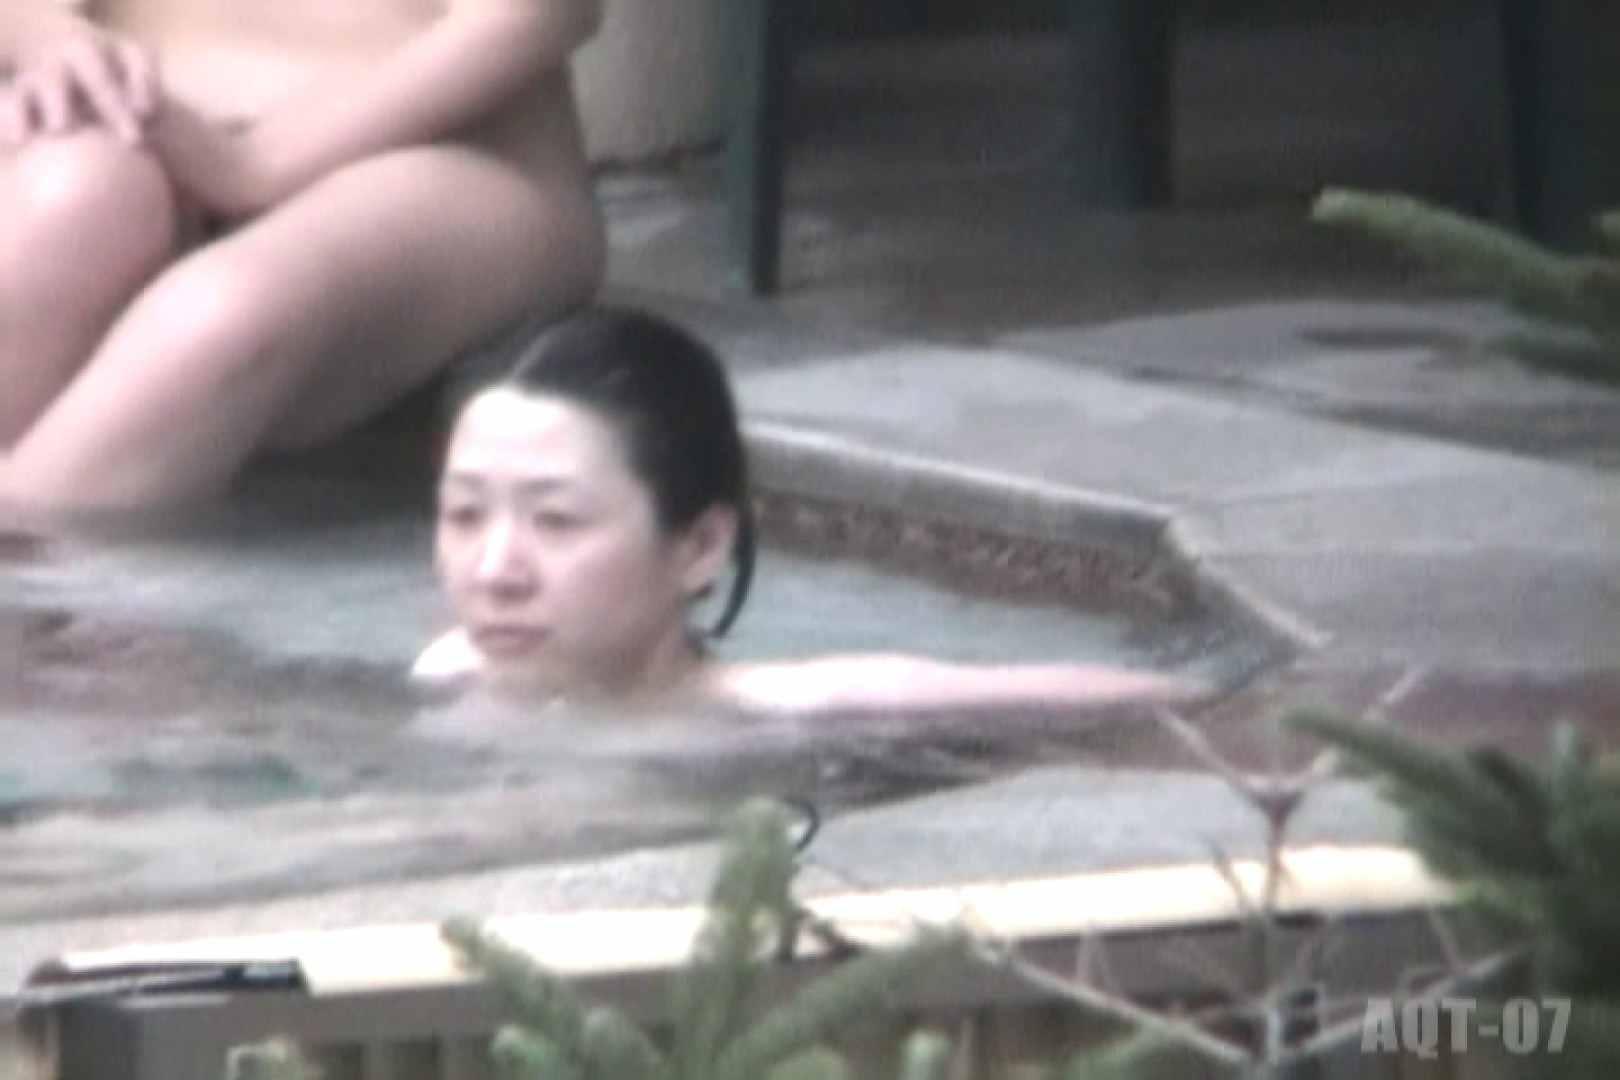 Aquaな露天風呂Vol.766 OLエロ画像 | 盗撮  105PICs 100